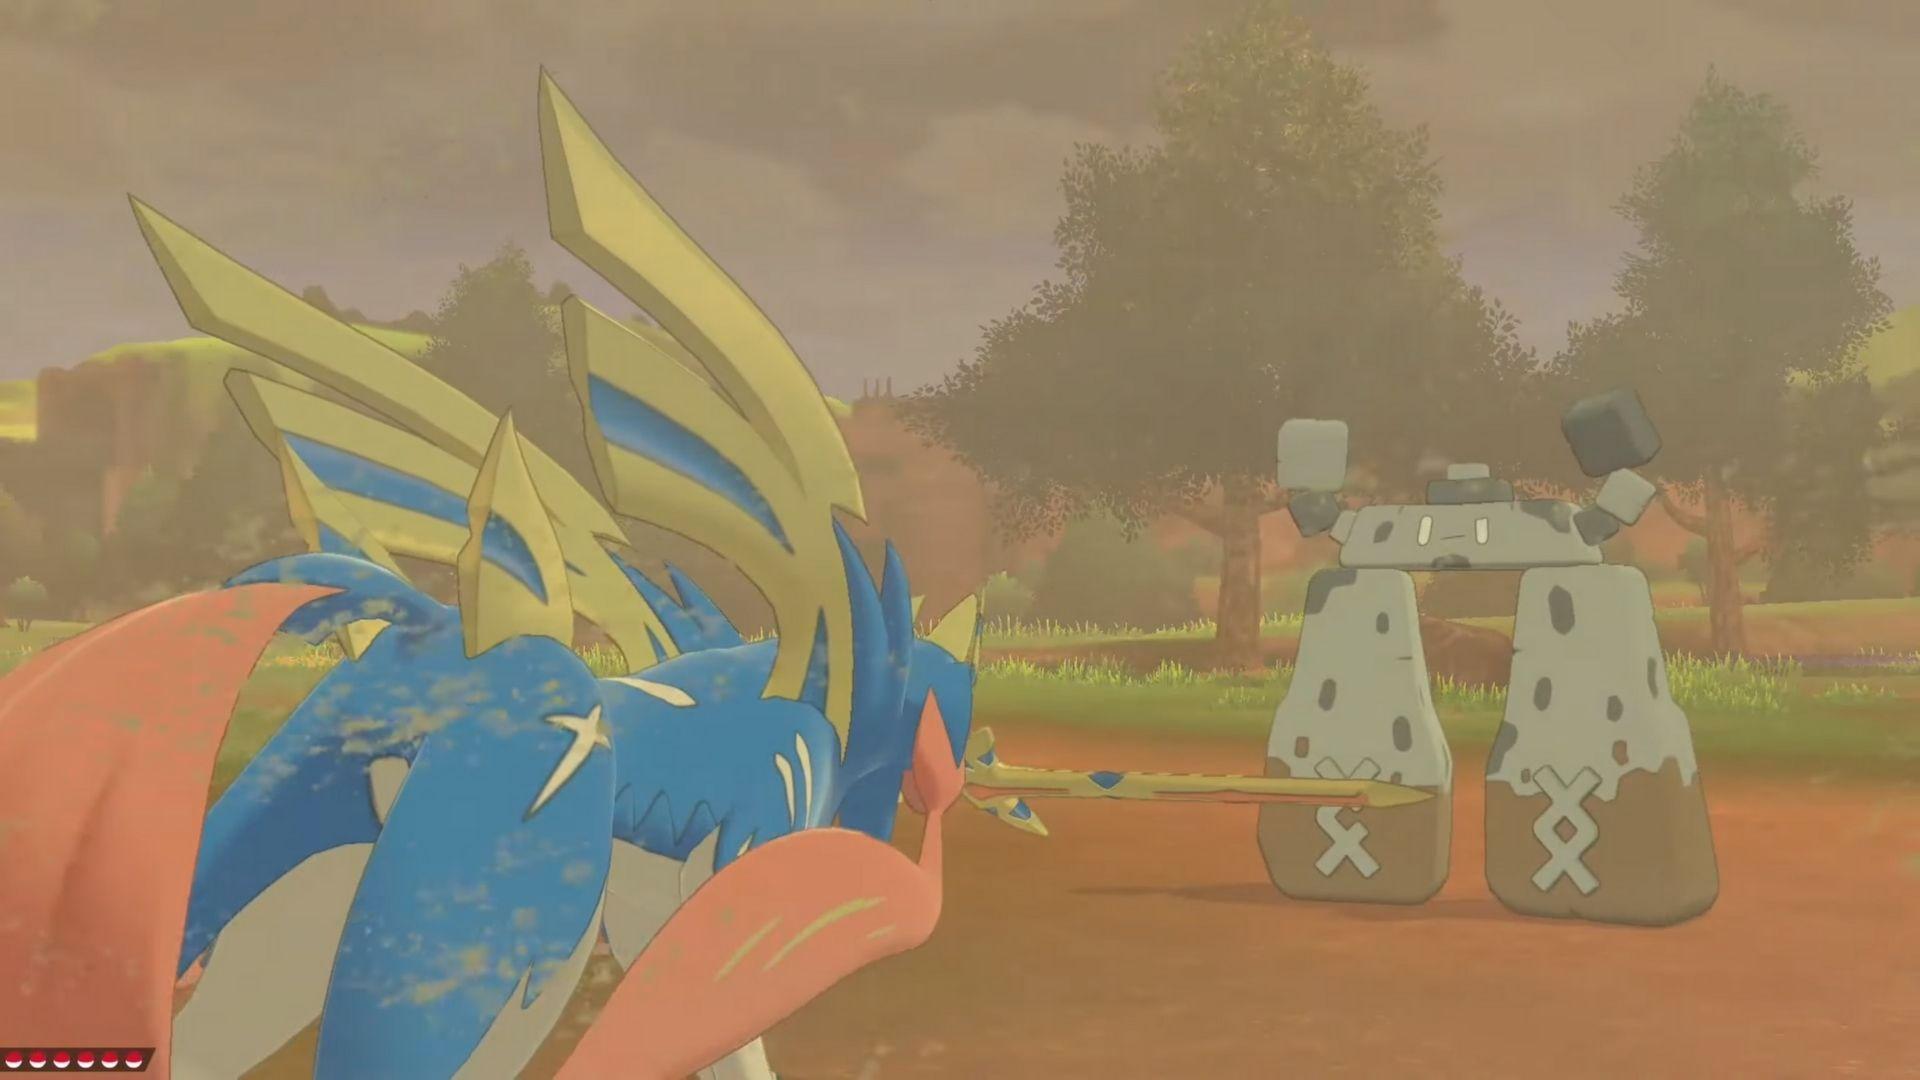 Stonjourner Pokemon Sword battle